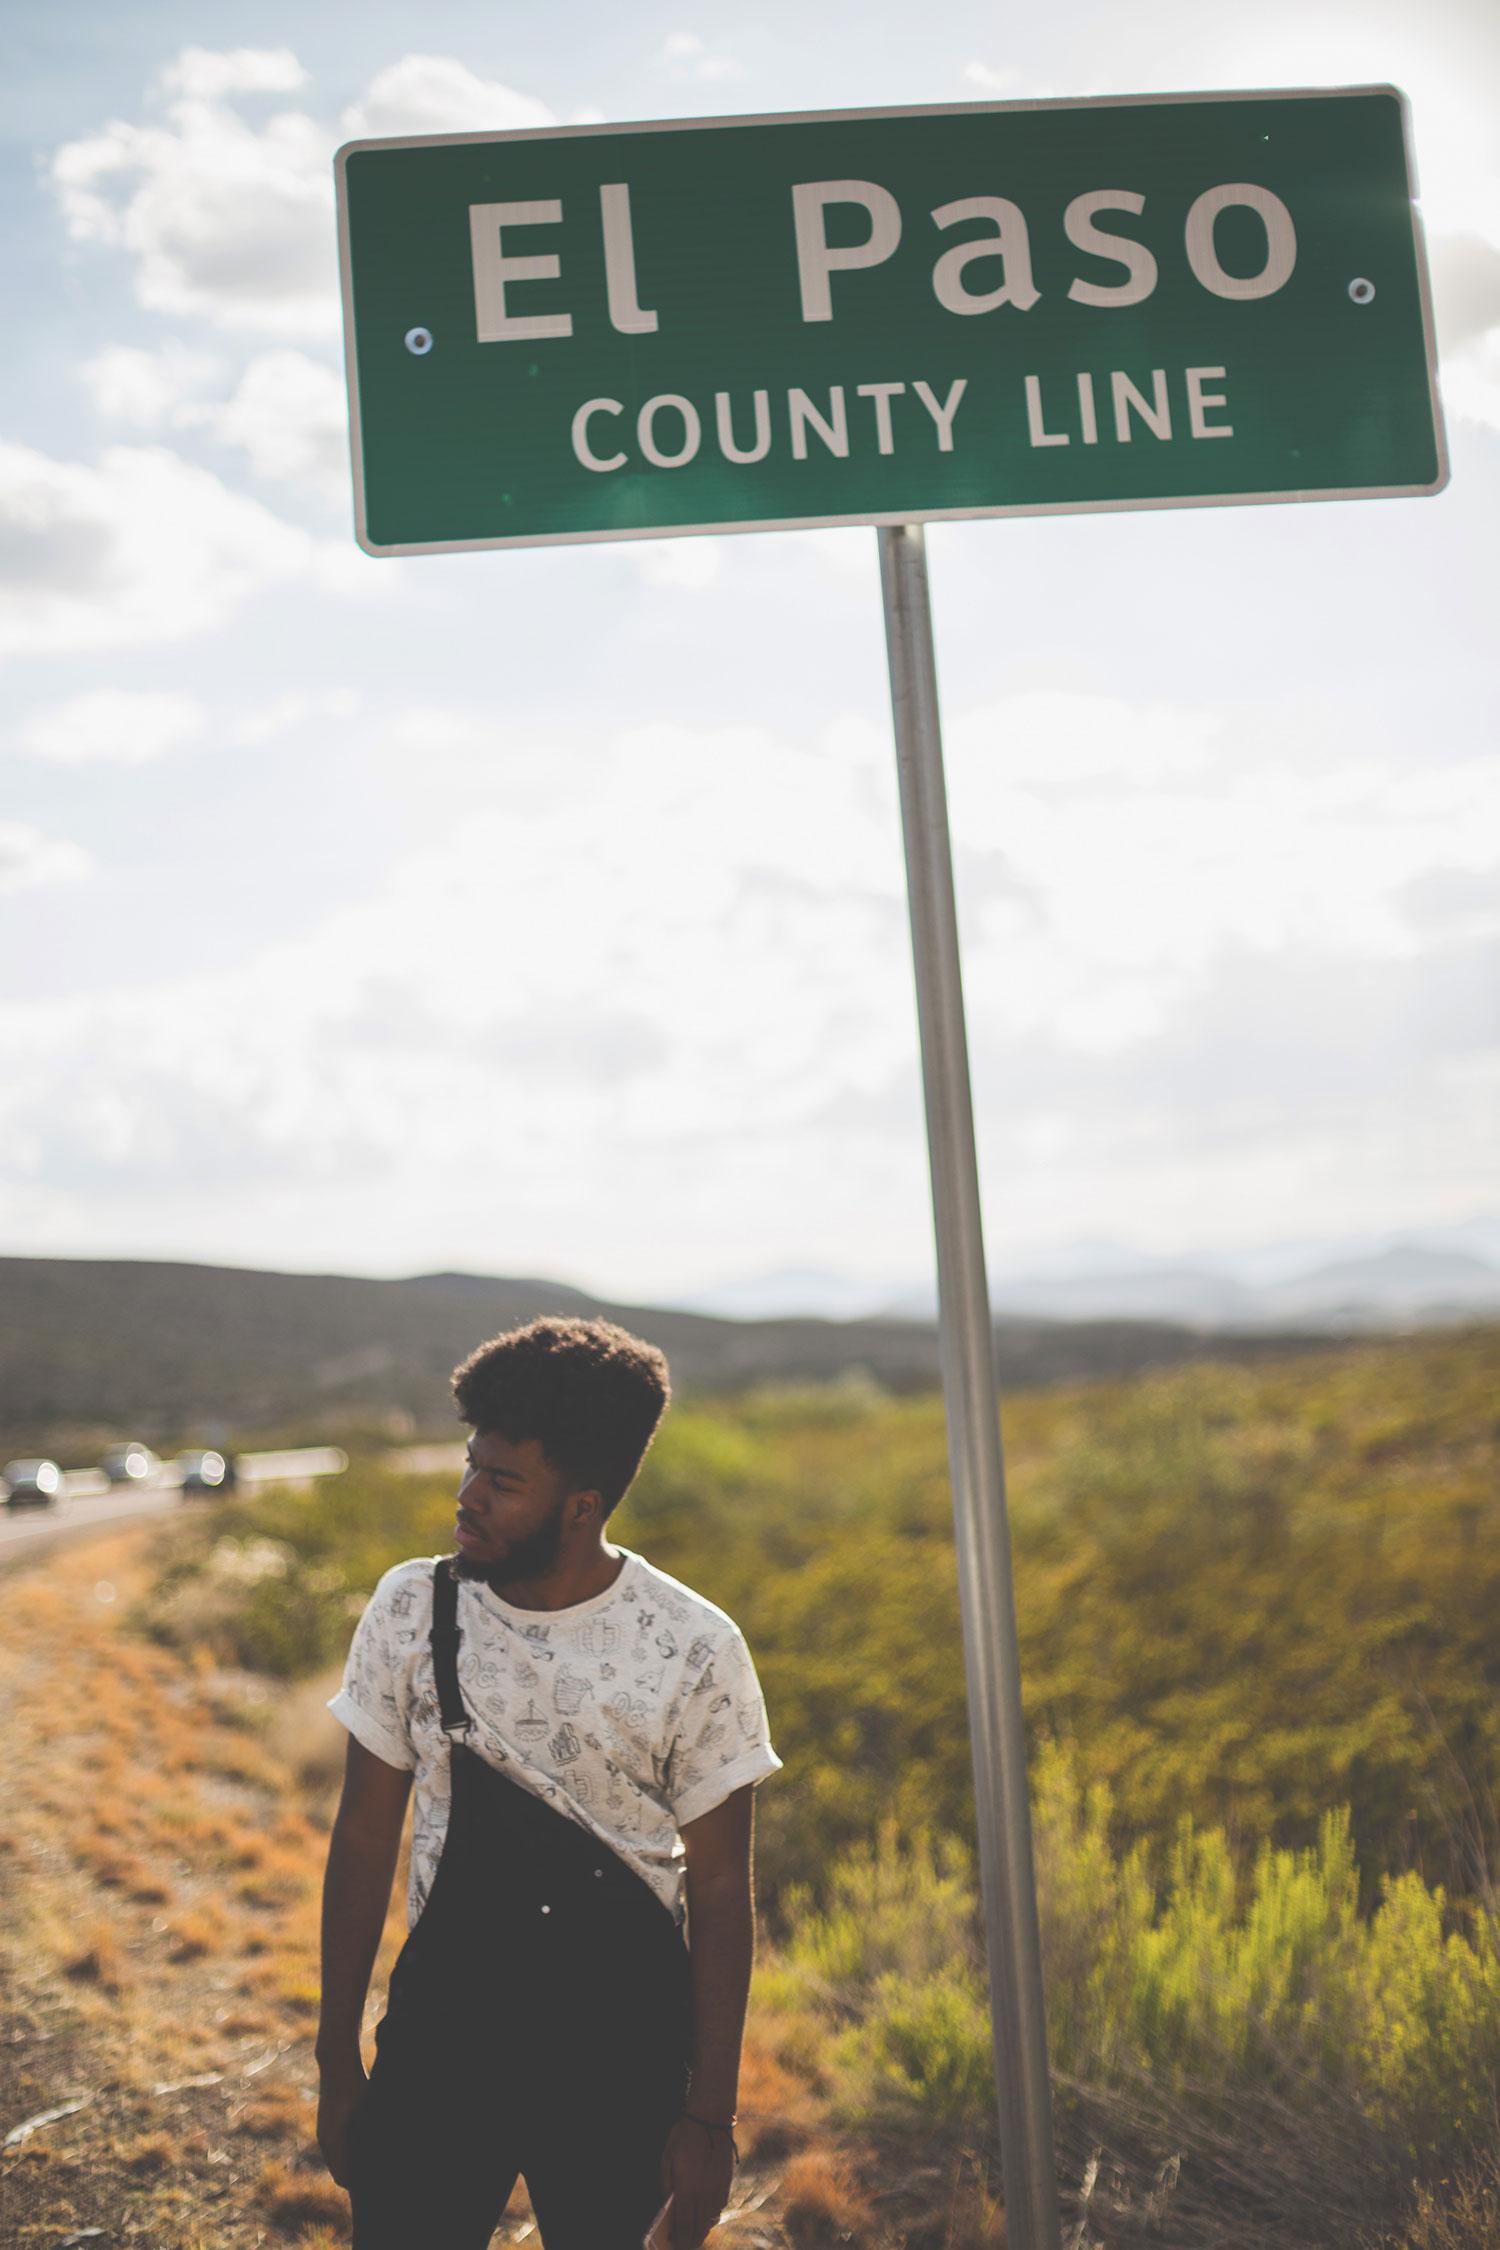 Imagen de Khalid músico del género Soul / R&B activo en Los 2010s